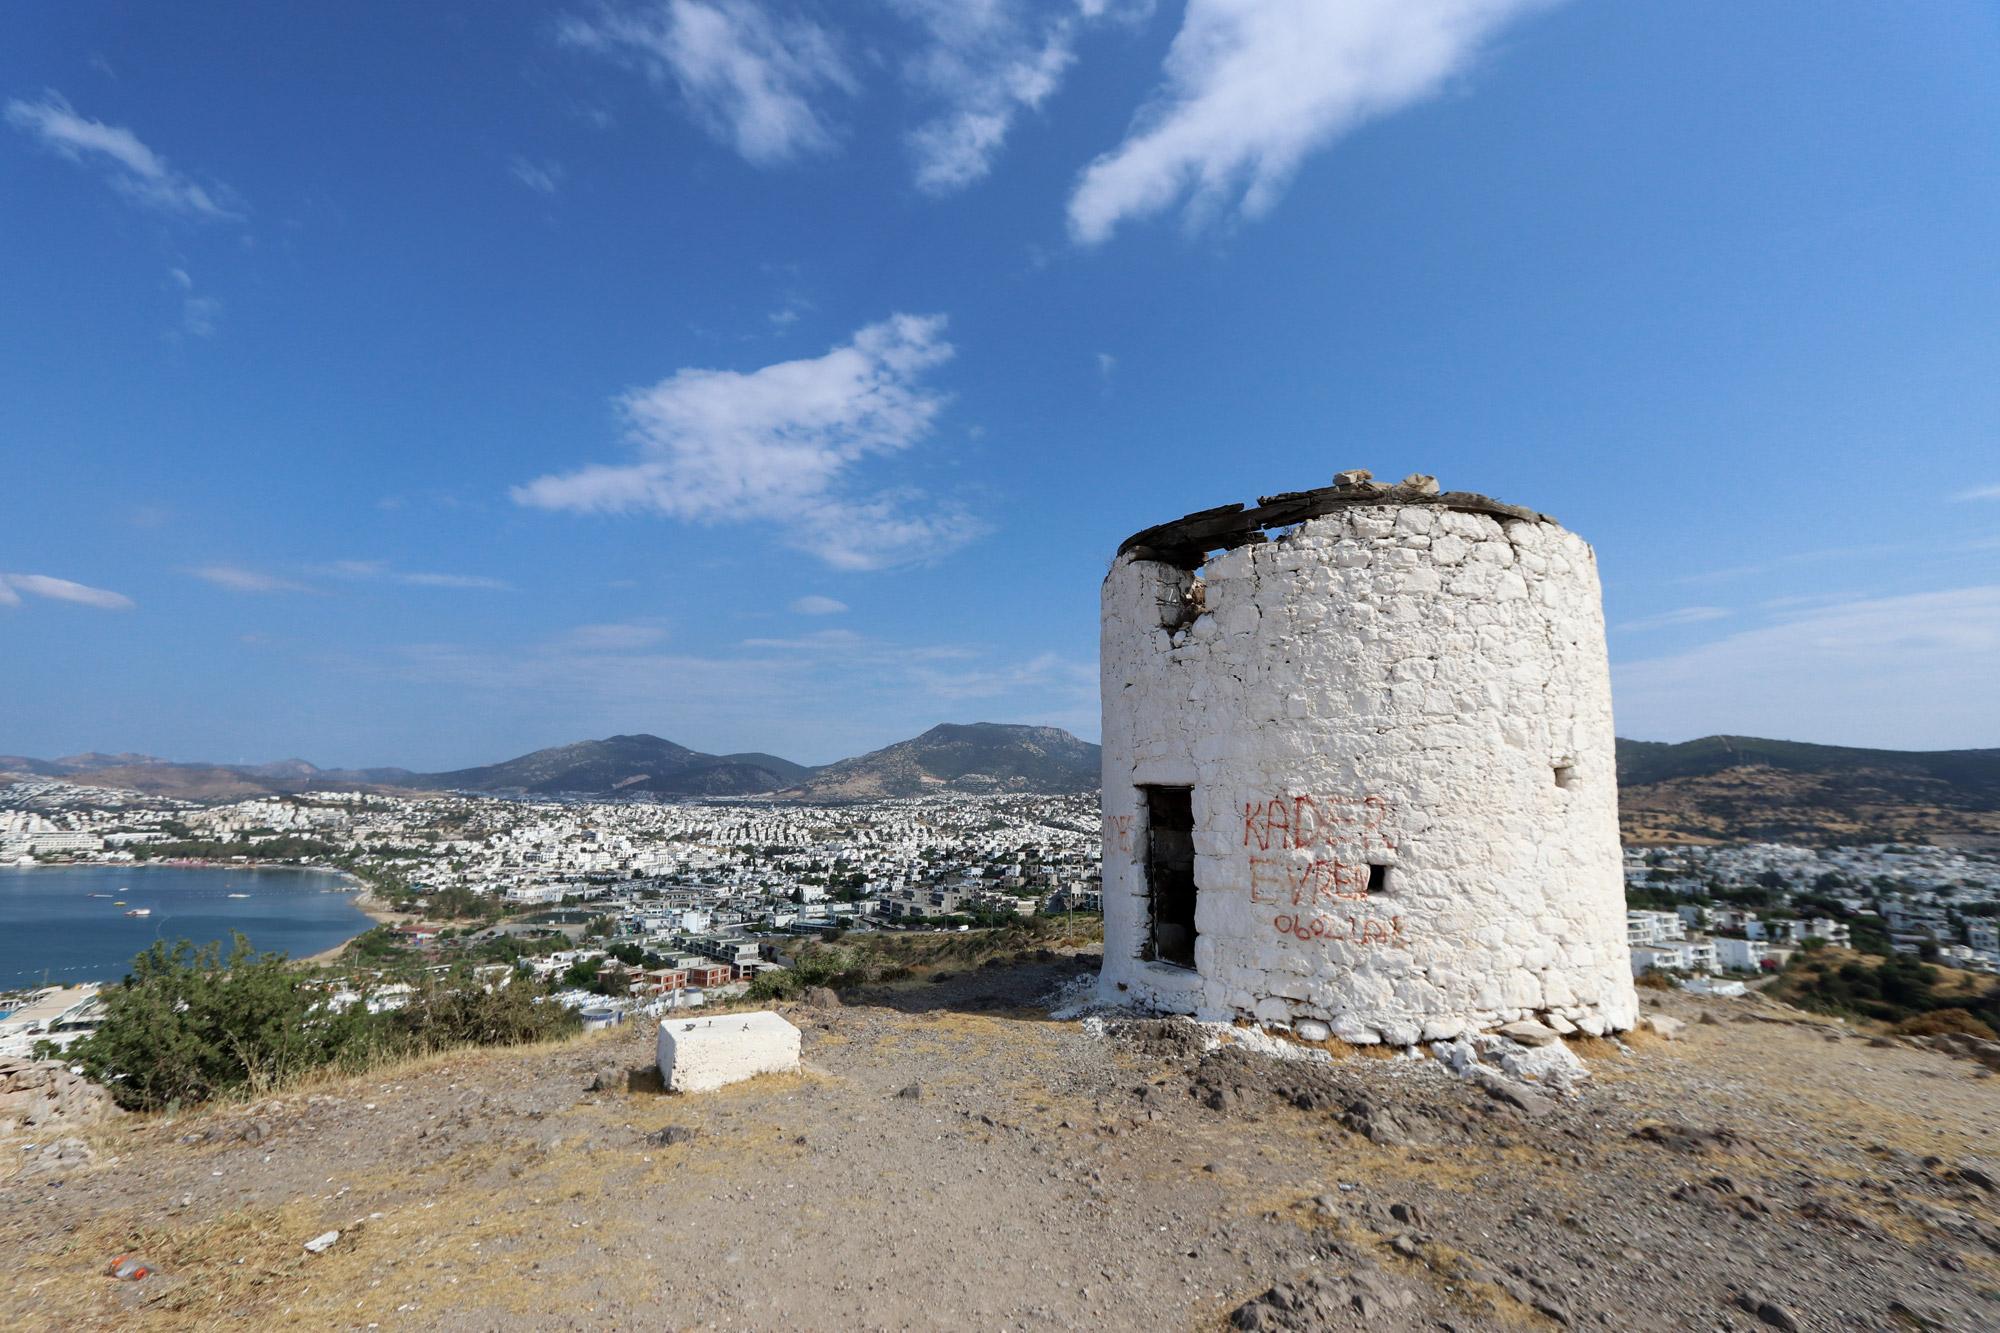 Hotel Voyage Bodrum - Griekse windmolens